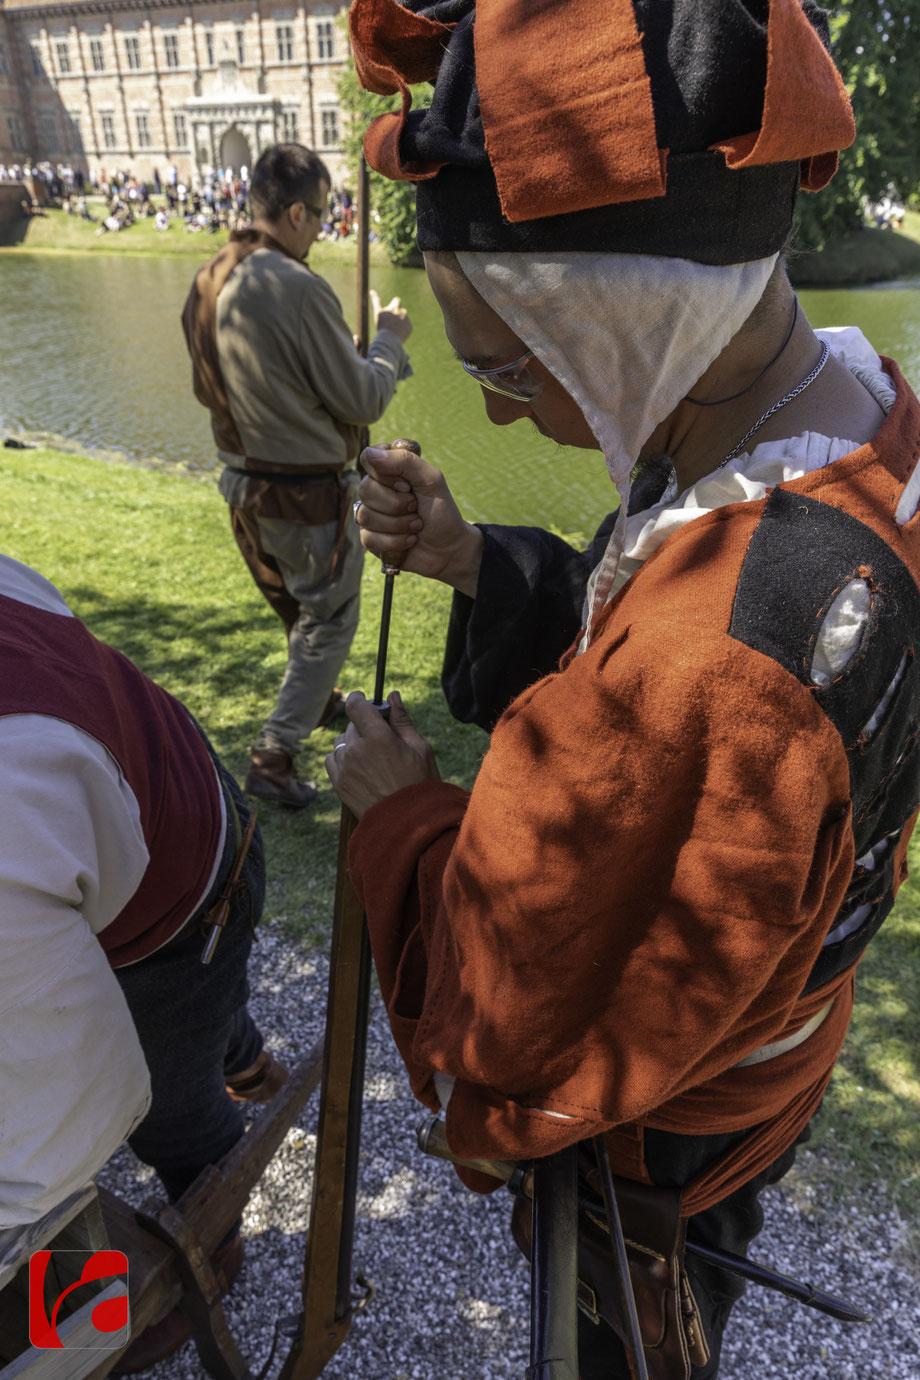 Landsknechte auf Voergaard-Slot, Detlef Kohl, www.aegeridesign.ch, www.detlefkohl.ch, Fotograf Immensee, Event-Fotograf, Editorial Fotograf Schwyz und Zug, Editorial Fotograf Zürich, Mittelalterfest, historie, military history, Landsknechte, Musketen